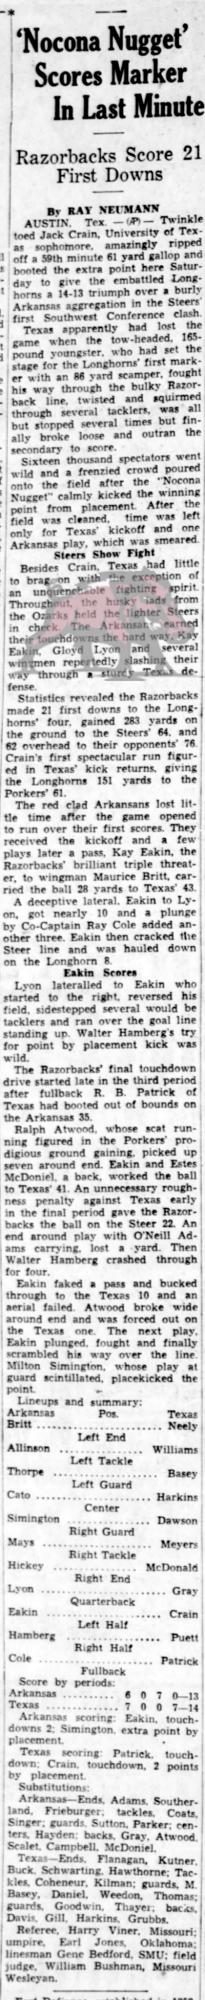 1939-10-22 Valley_Morning_Star_Sun__Oct_22__1939 p.8 Harlingen TX a  Game 21